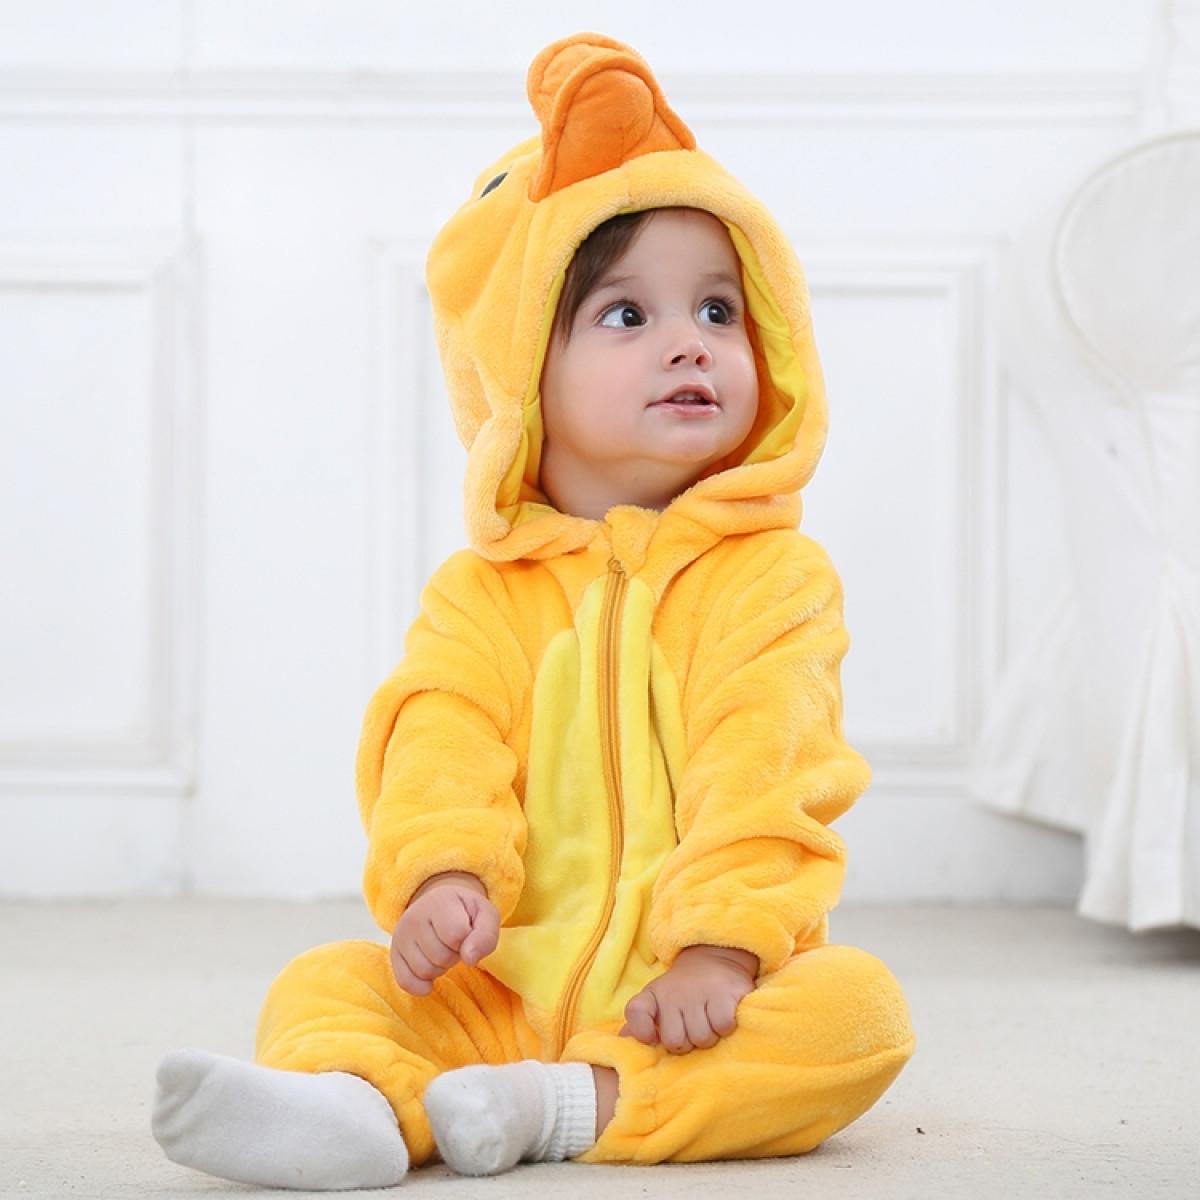 kostum za dojenčke račka 74503